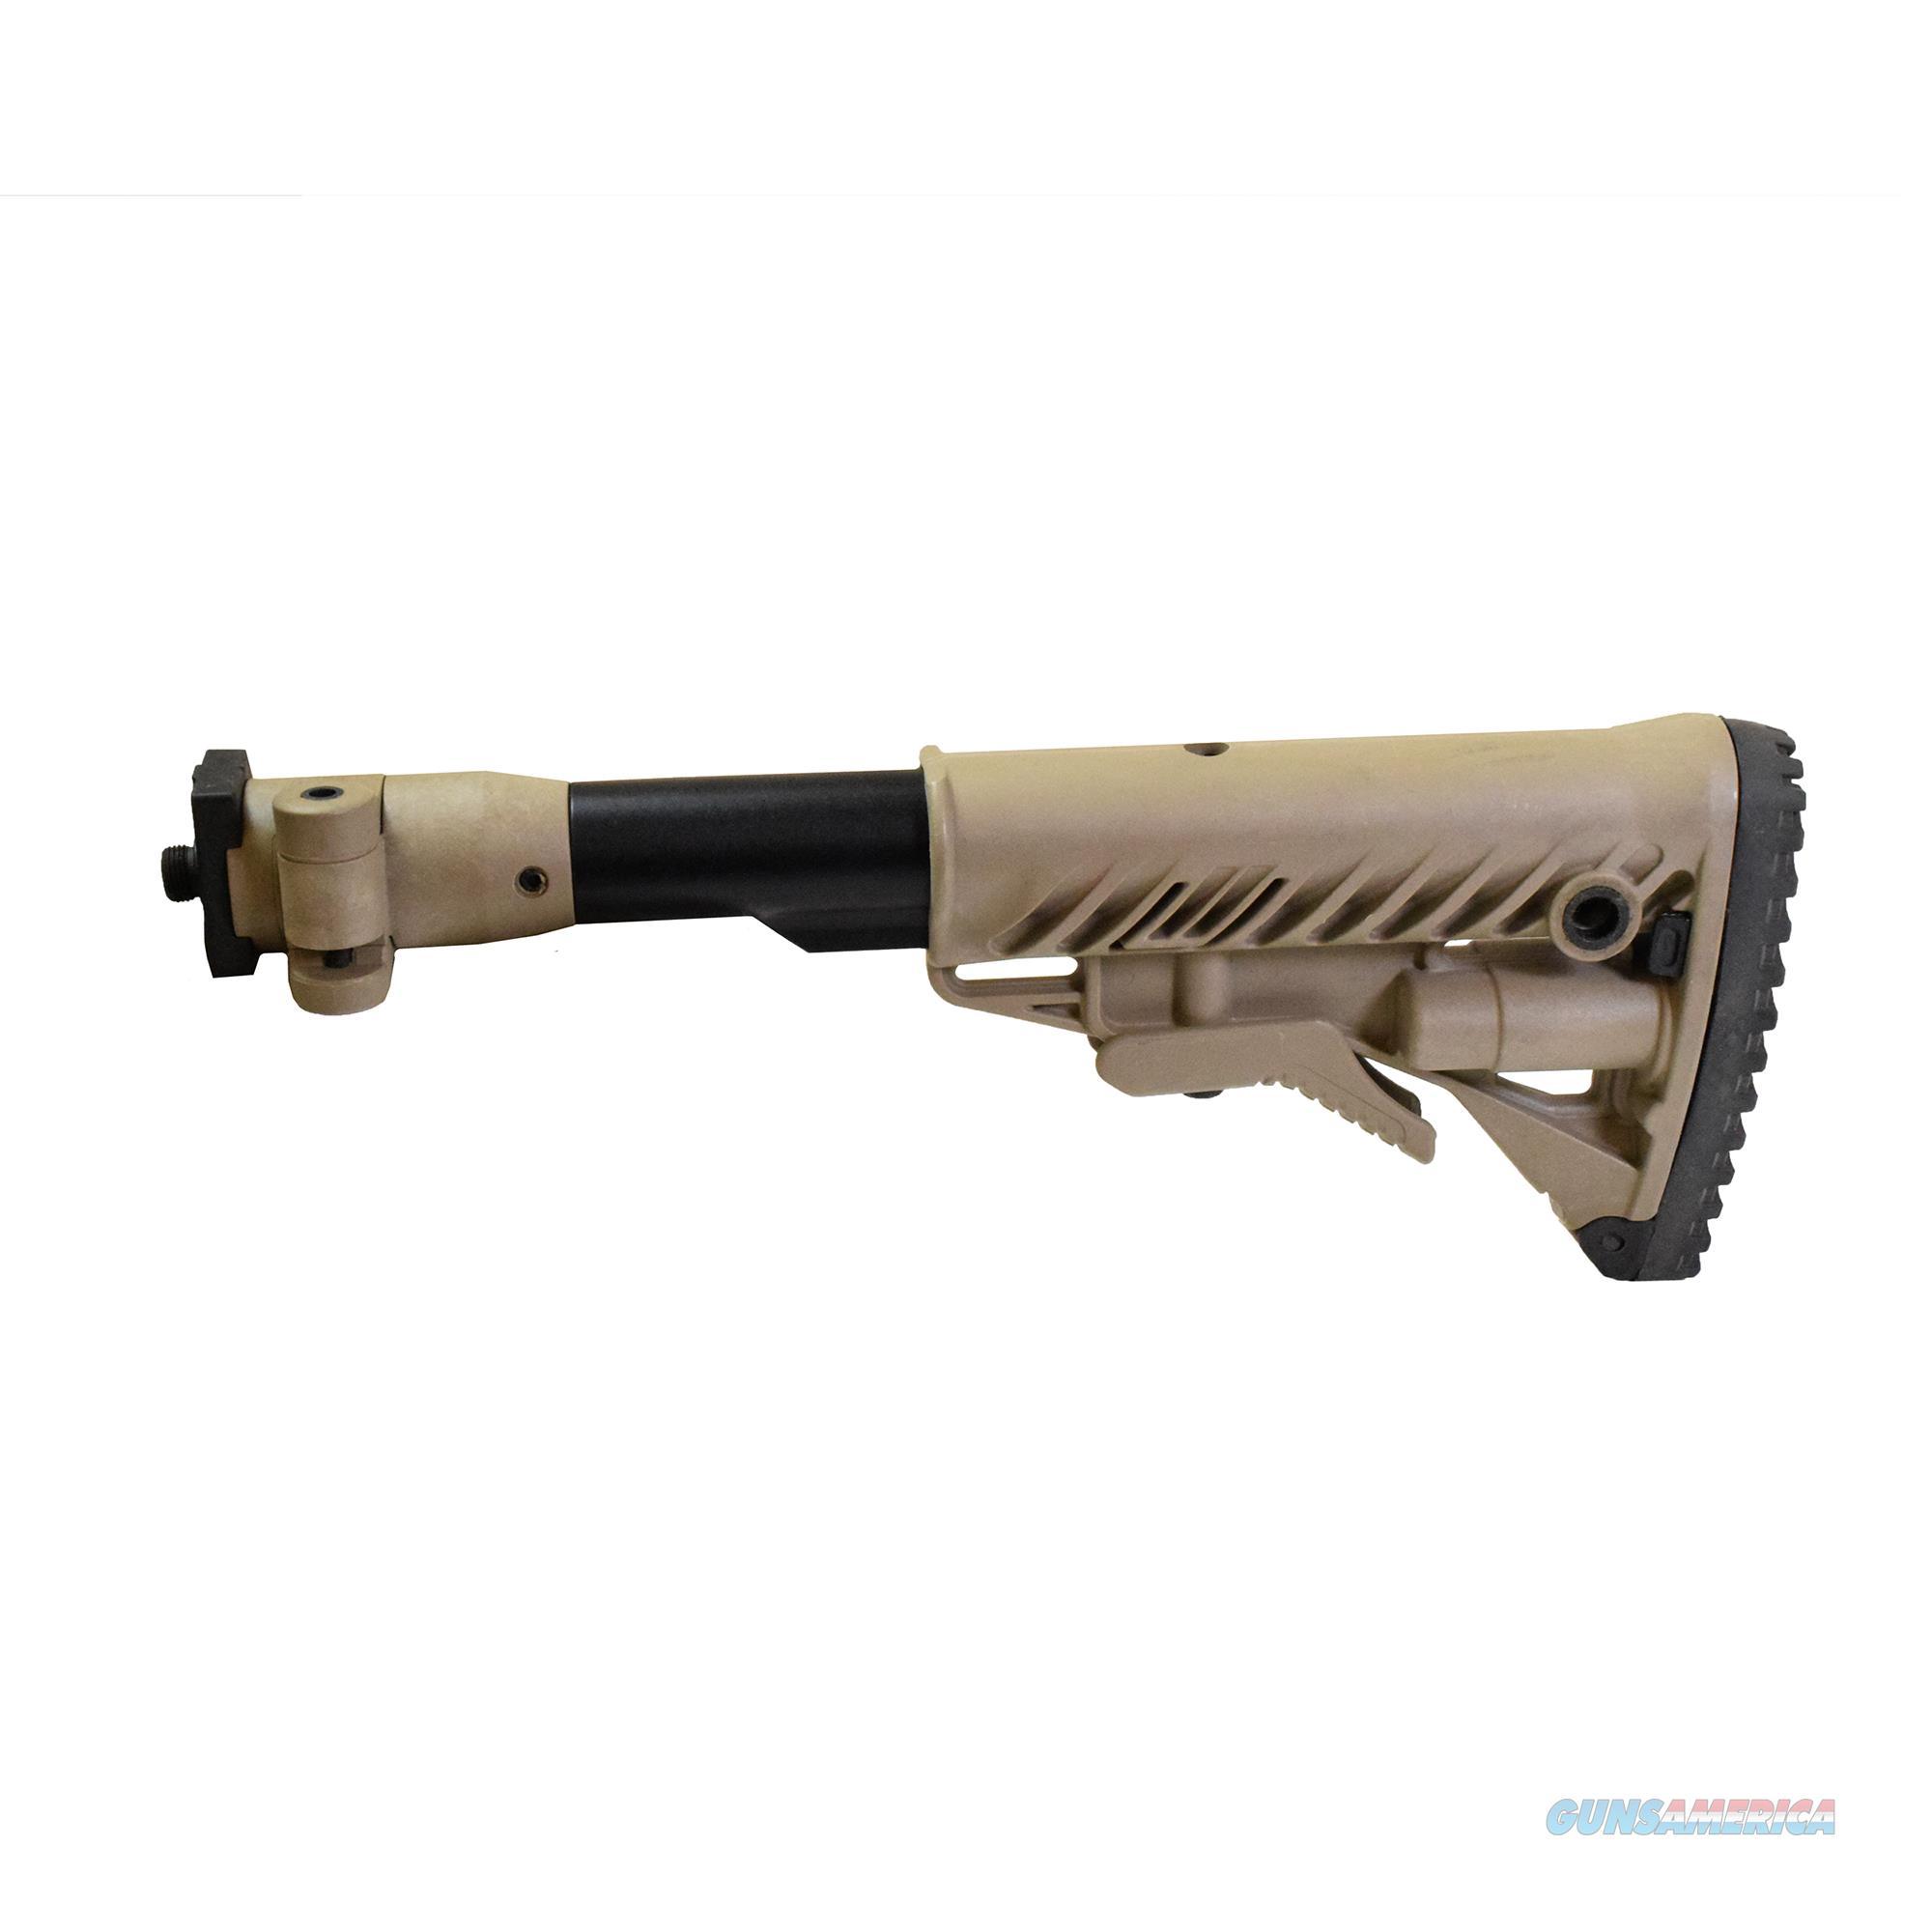 Mako Group Folding Collapsible Buttstock System M4VZP-FDE  Non-Guns > Gunstocks, Grips & Wood